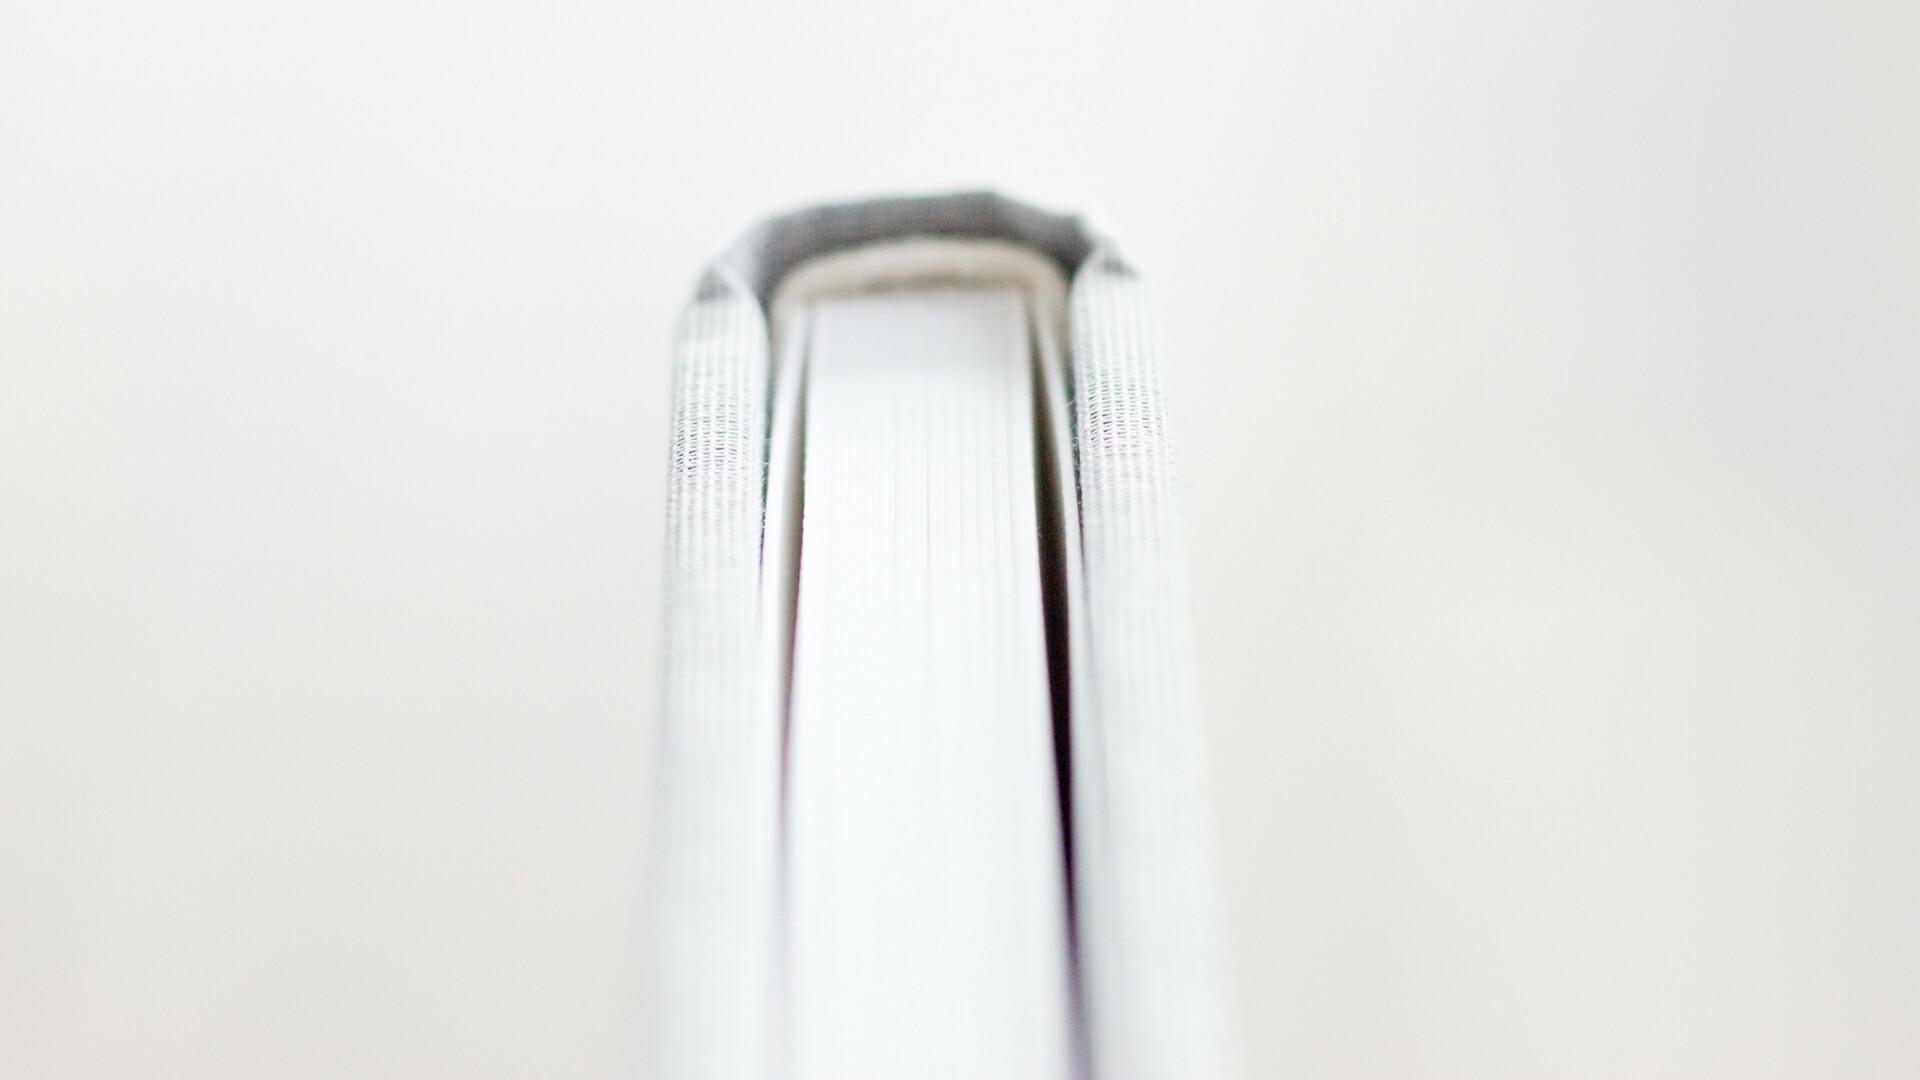 Regio Groningen, , Album, Trouwboek, Trouwalbum, fotografie, Lijn 10, Zuidhorn, Trouwen, wedding, album, Lijn 10, Zuidhorn